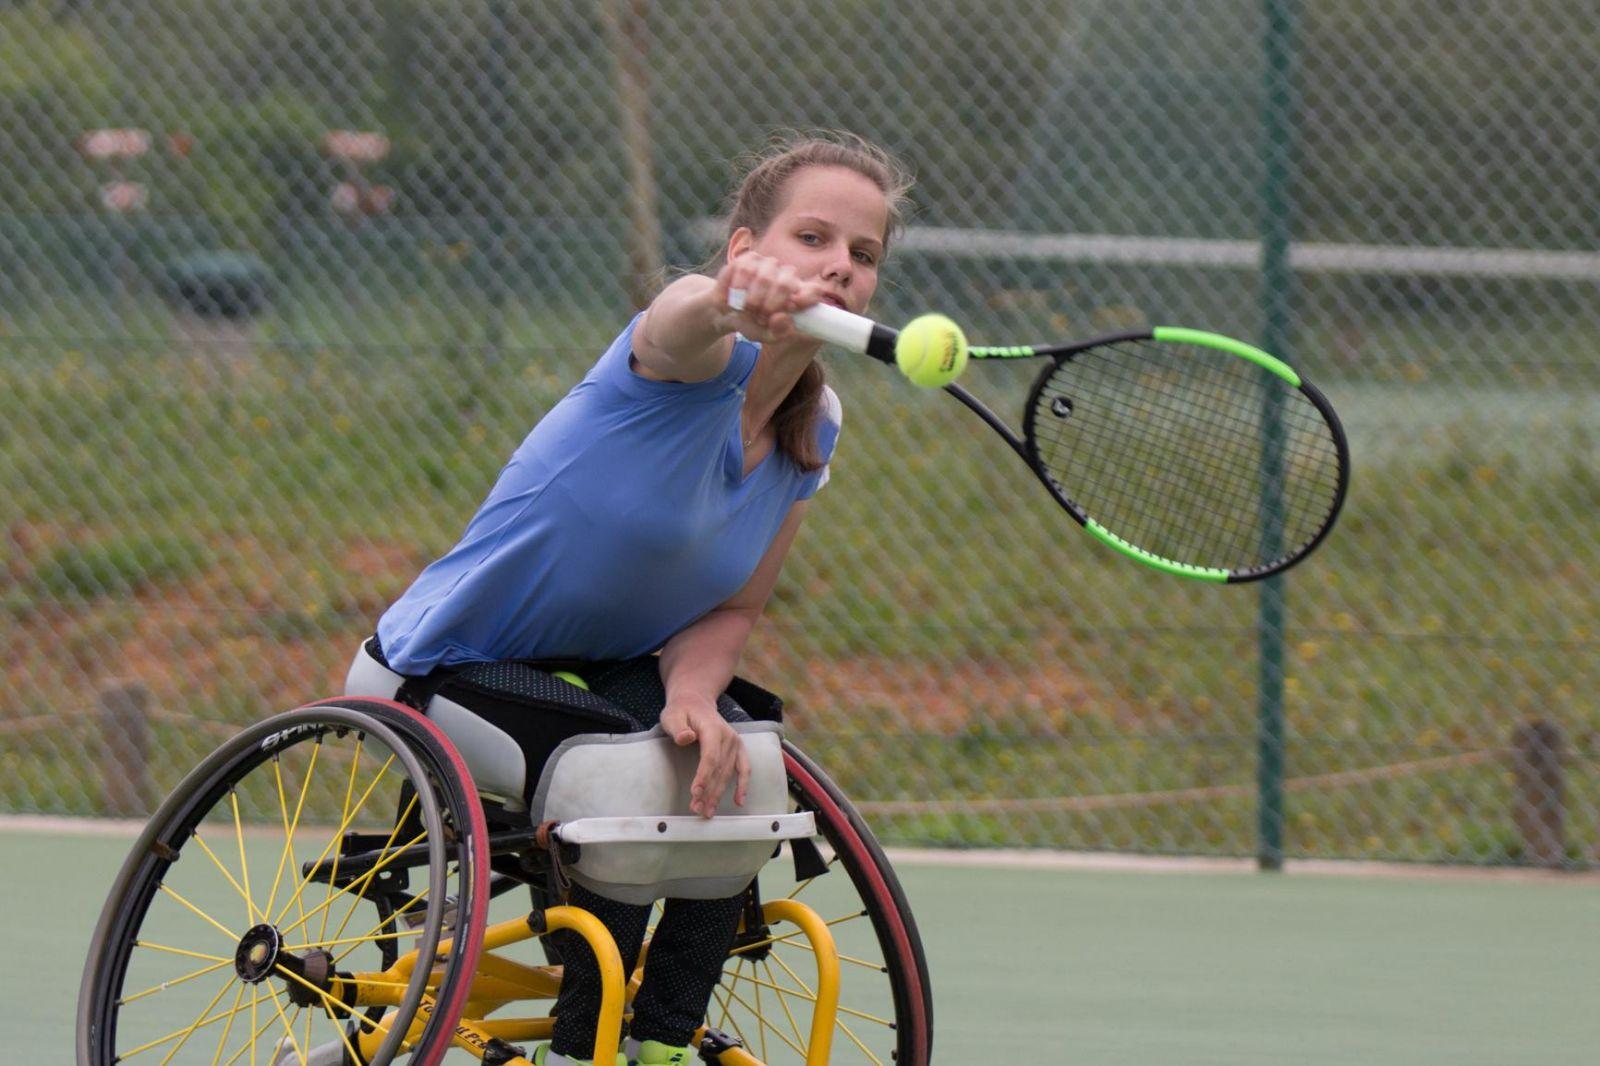 Российские спортсмены принимают участие в командном Кубке мира по теннису на колясках в европейской зоне в Португалии